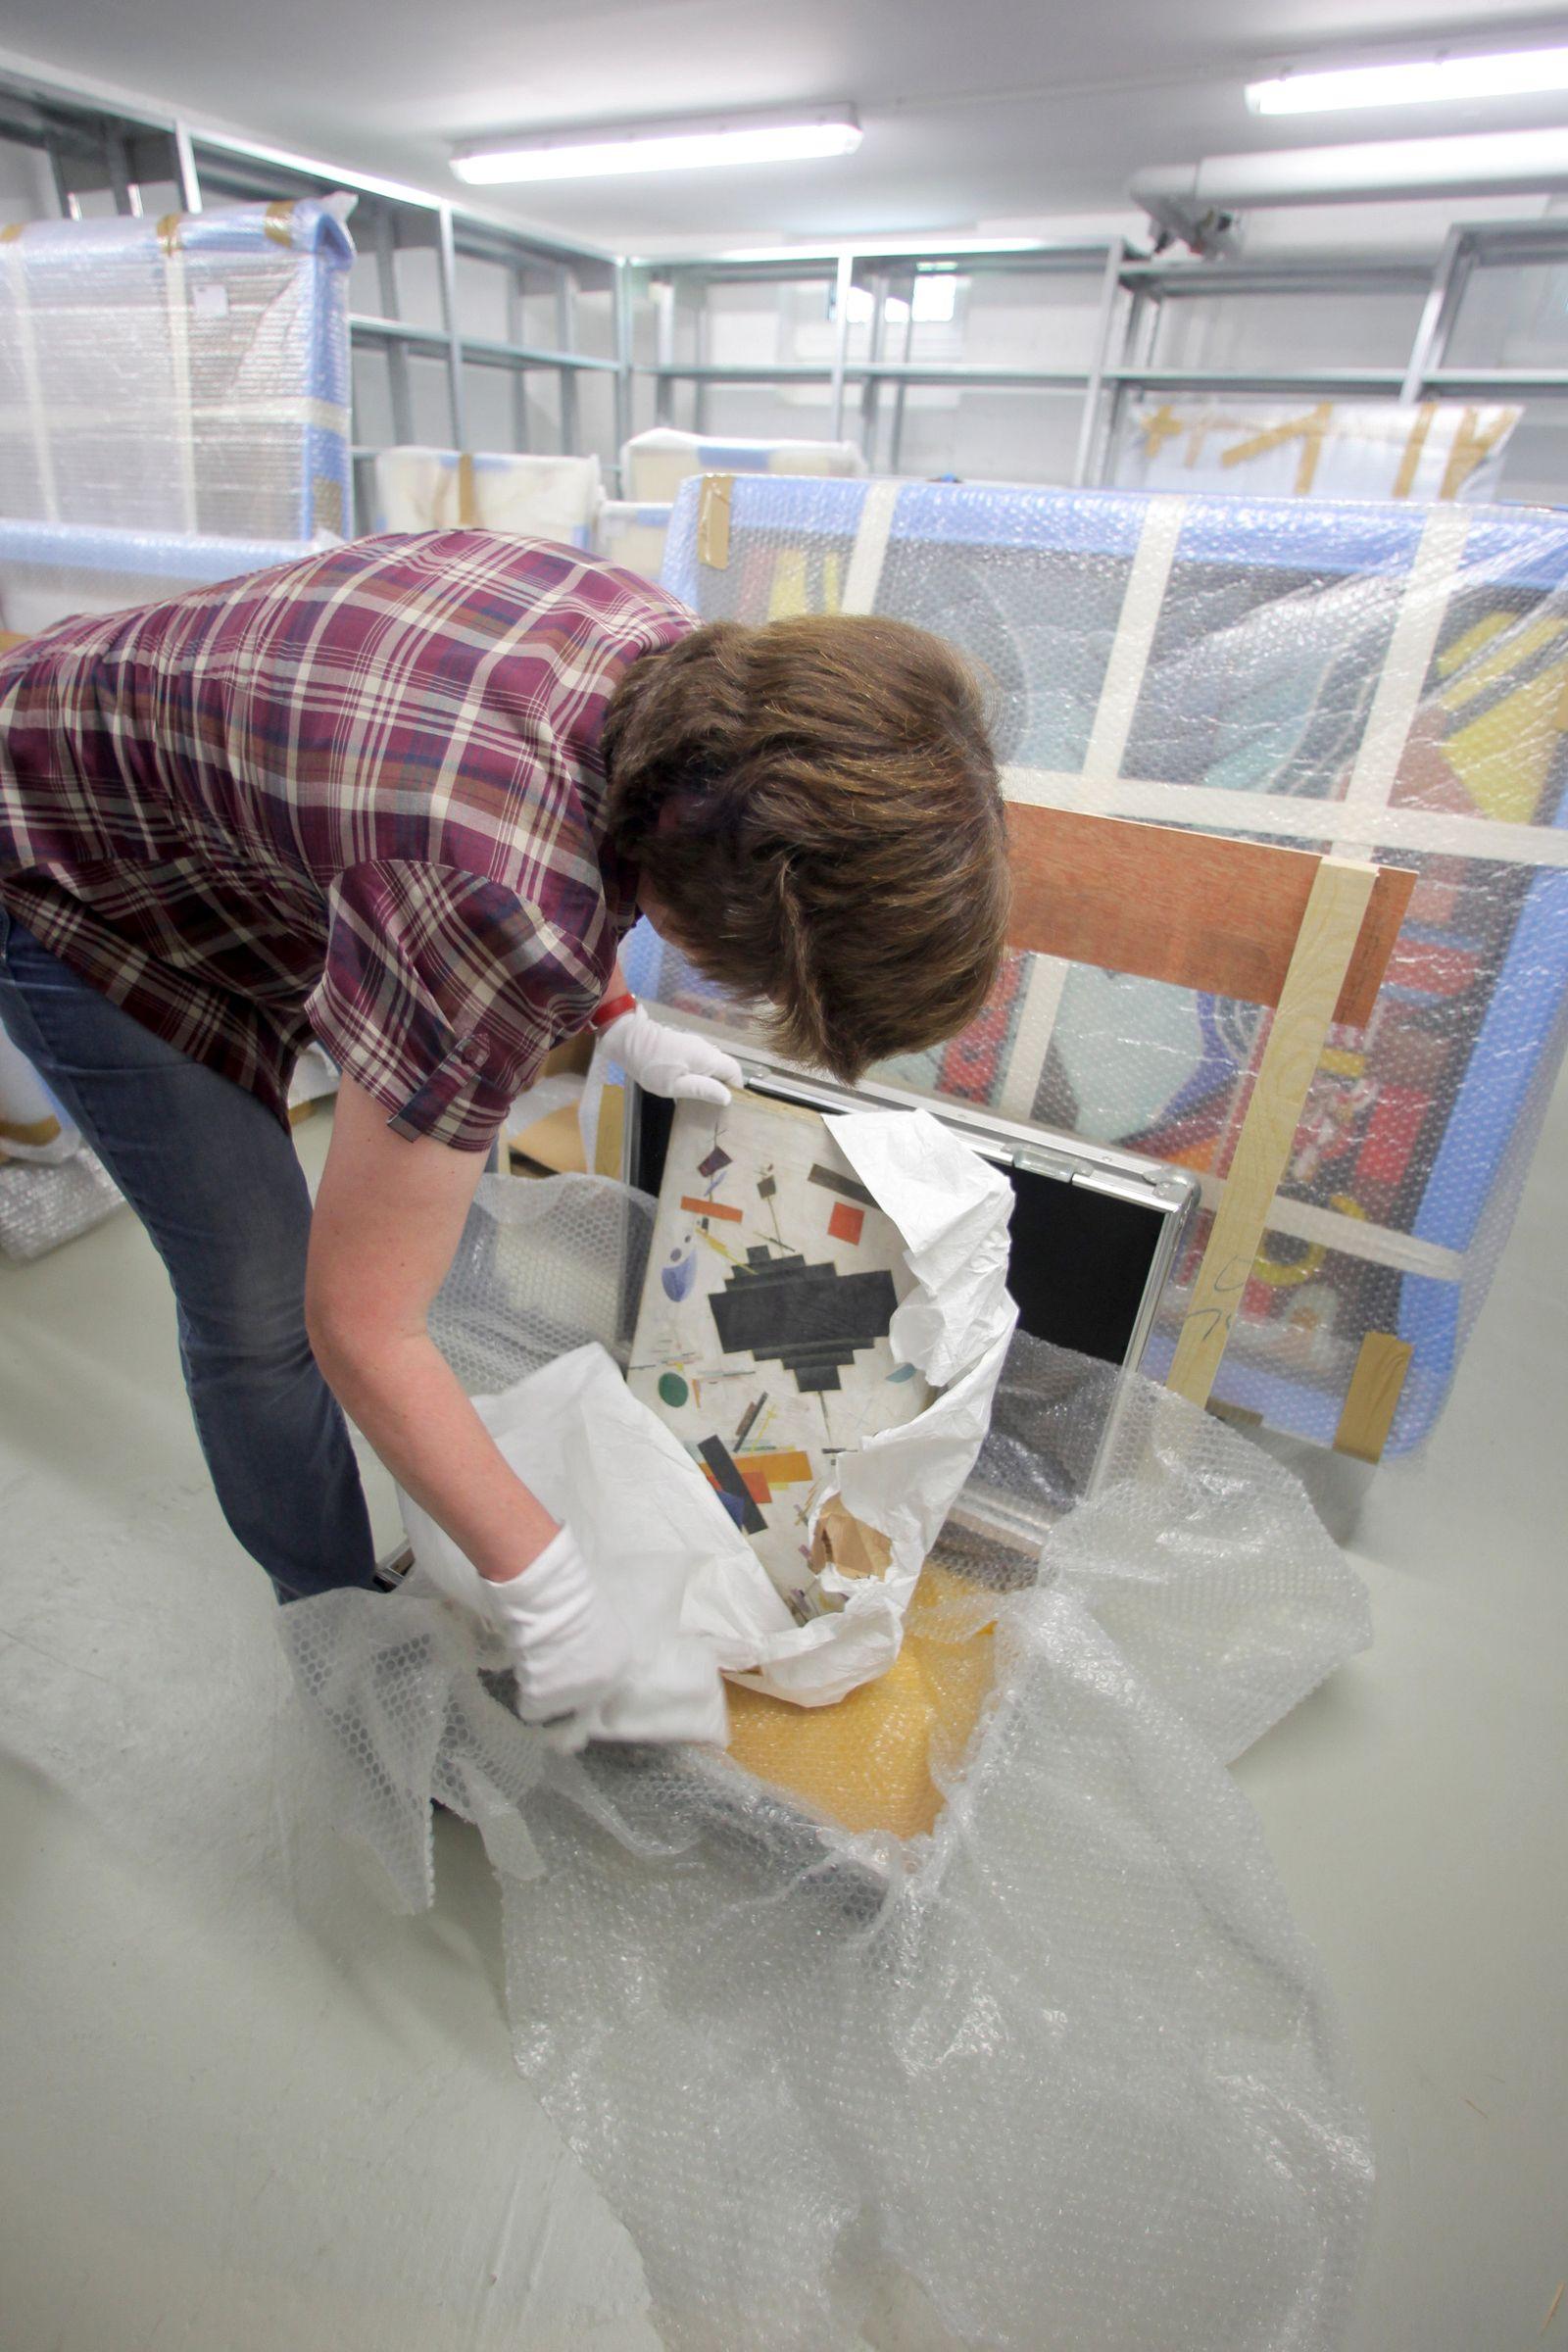 Kunstfälscherring gesprengt